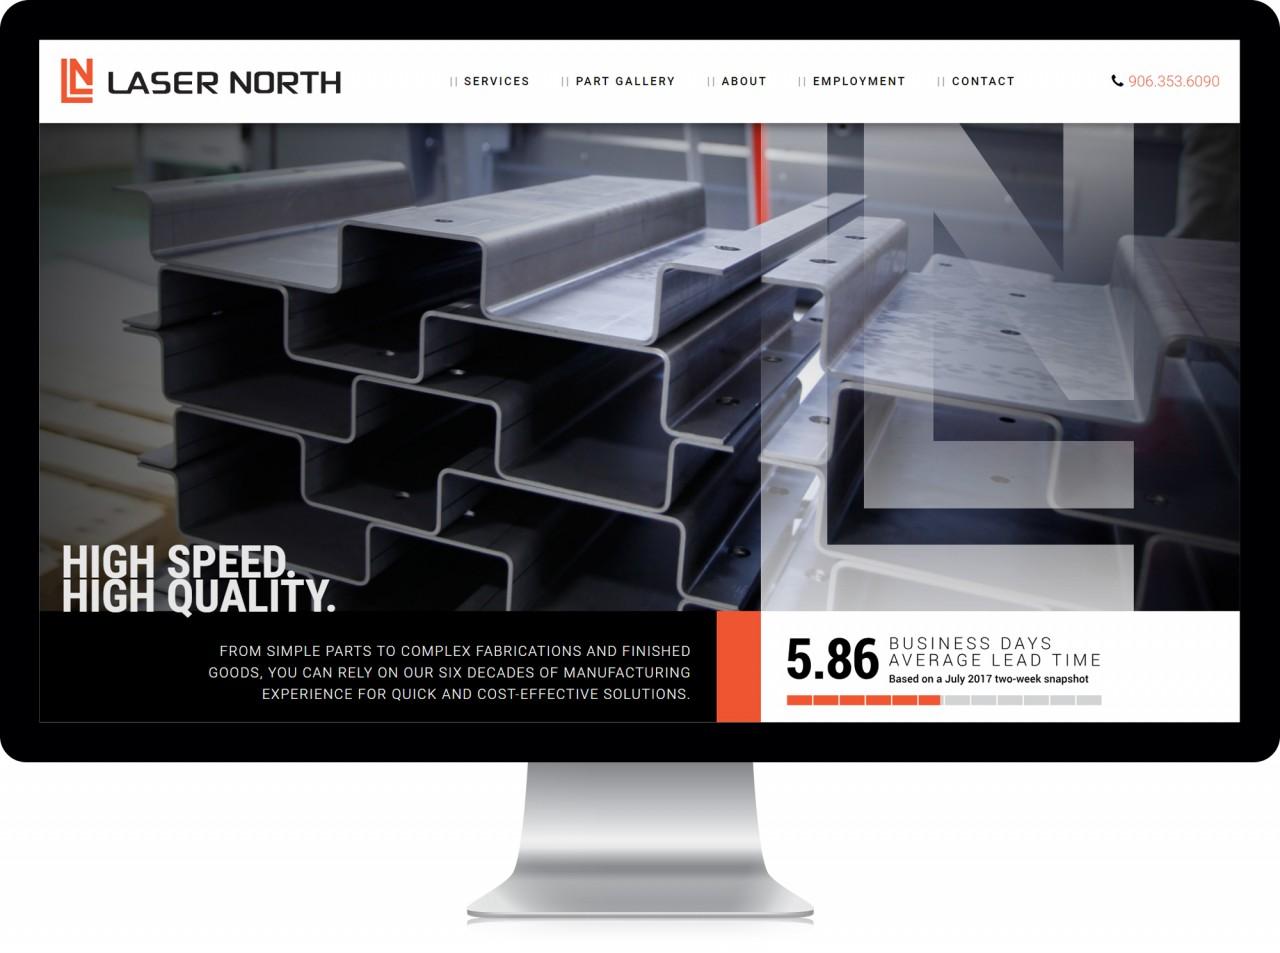 monte website design laser cutting